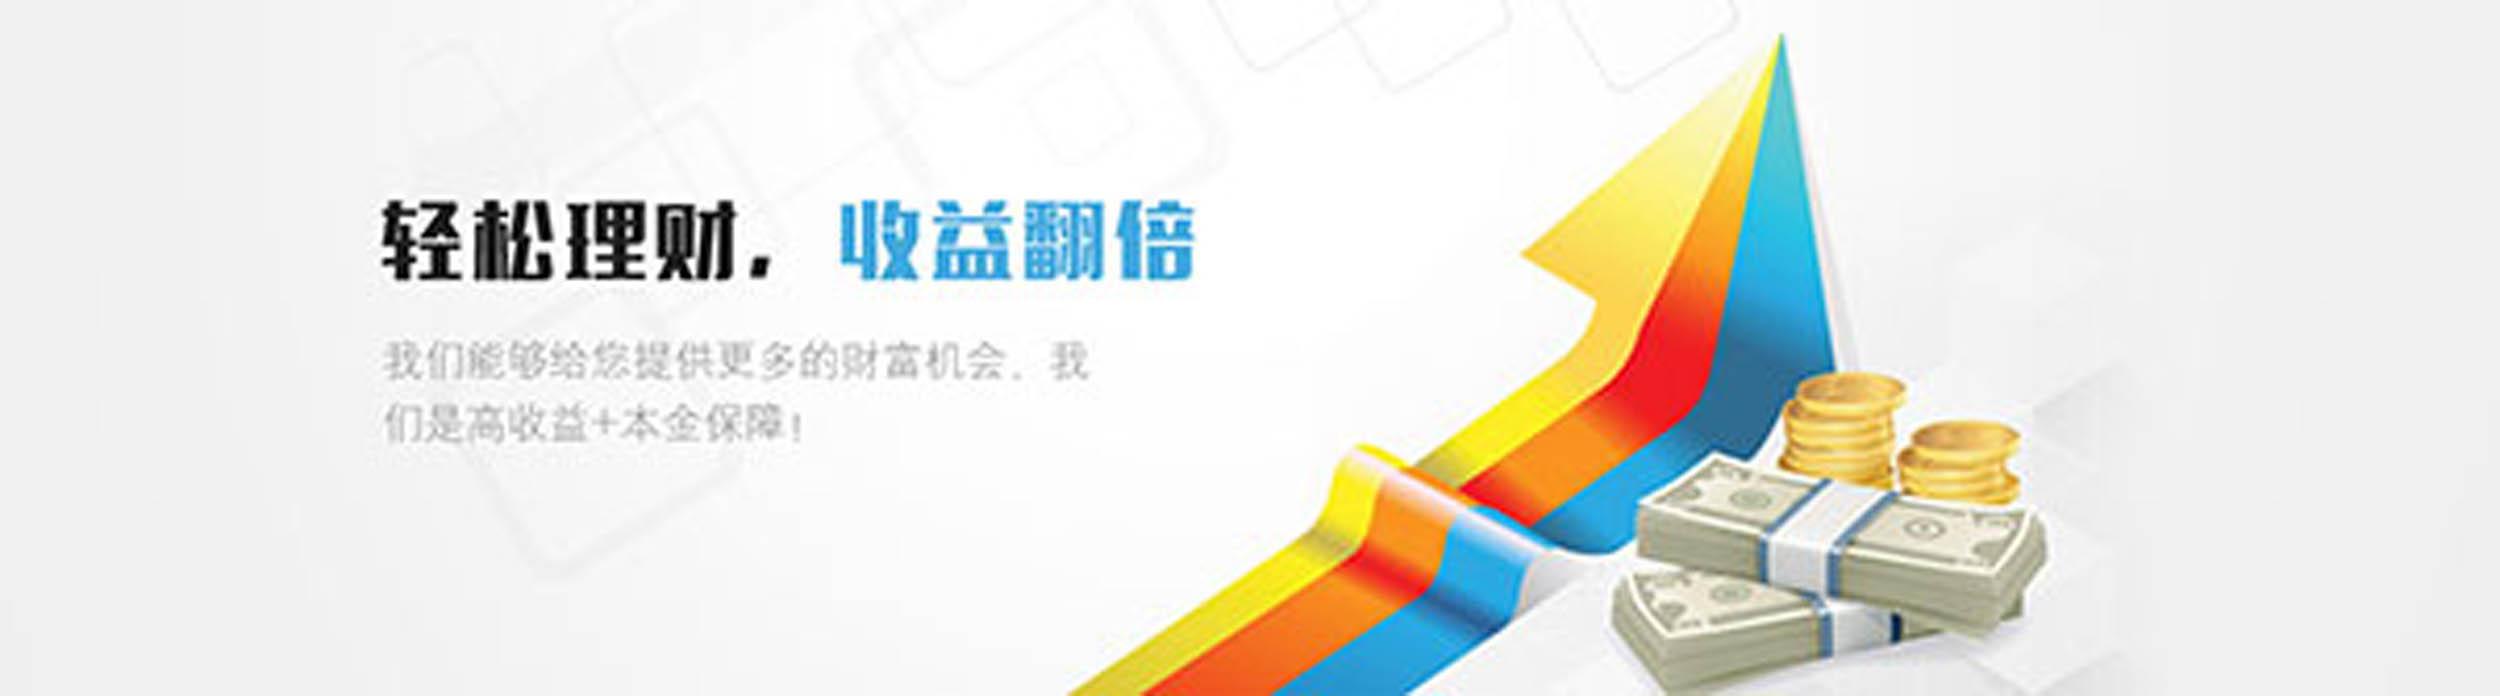 湖州hu恒指代理加盟今年热门赚钱项目